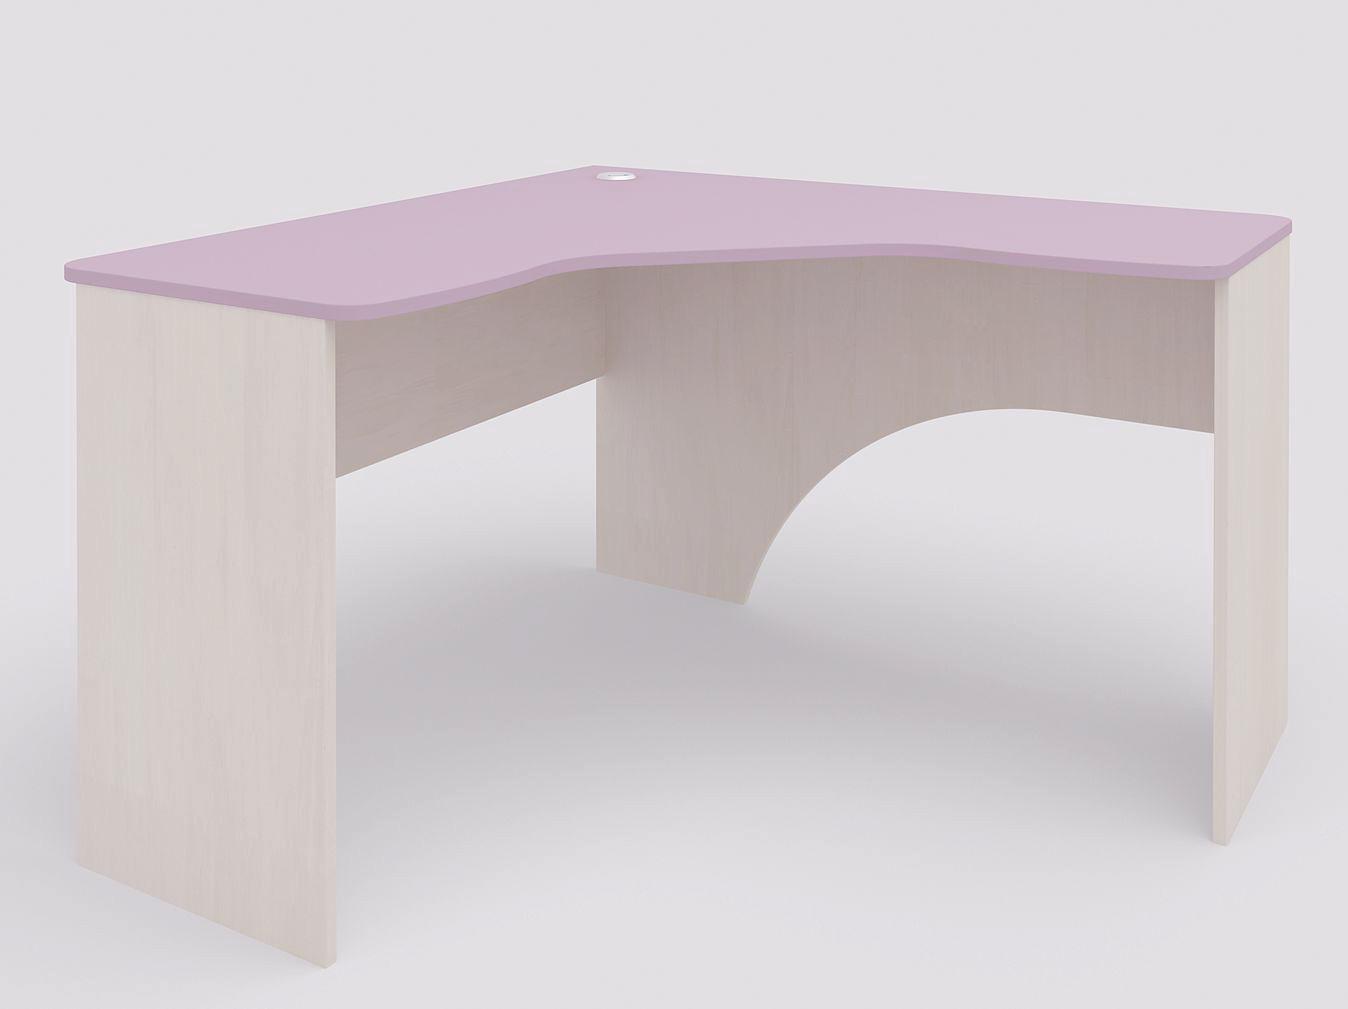 Lenza Rohový psací stůl Mia 123x74x123 cm